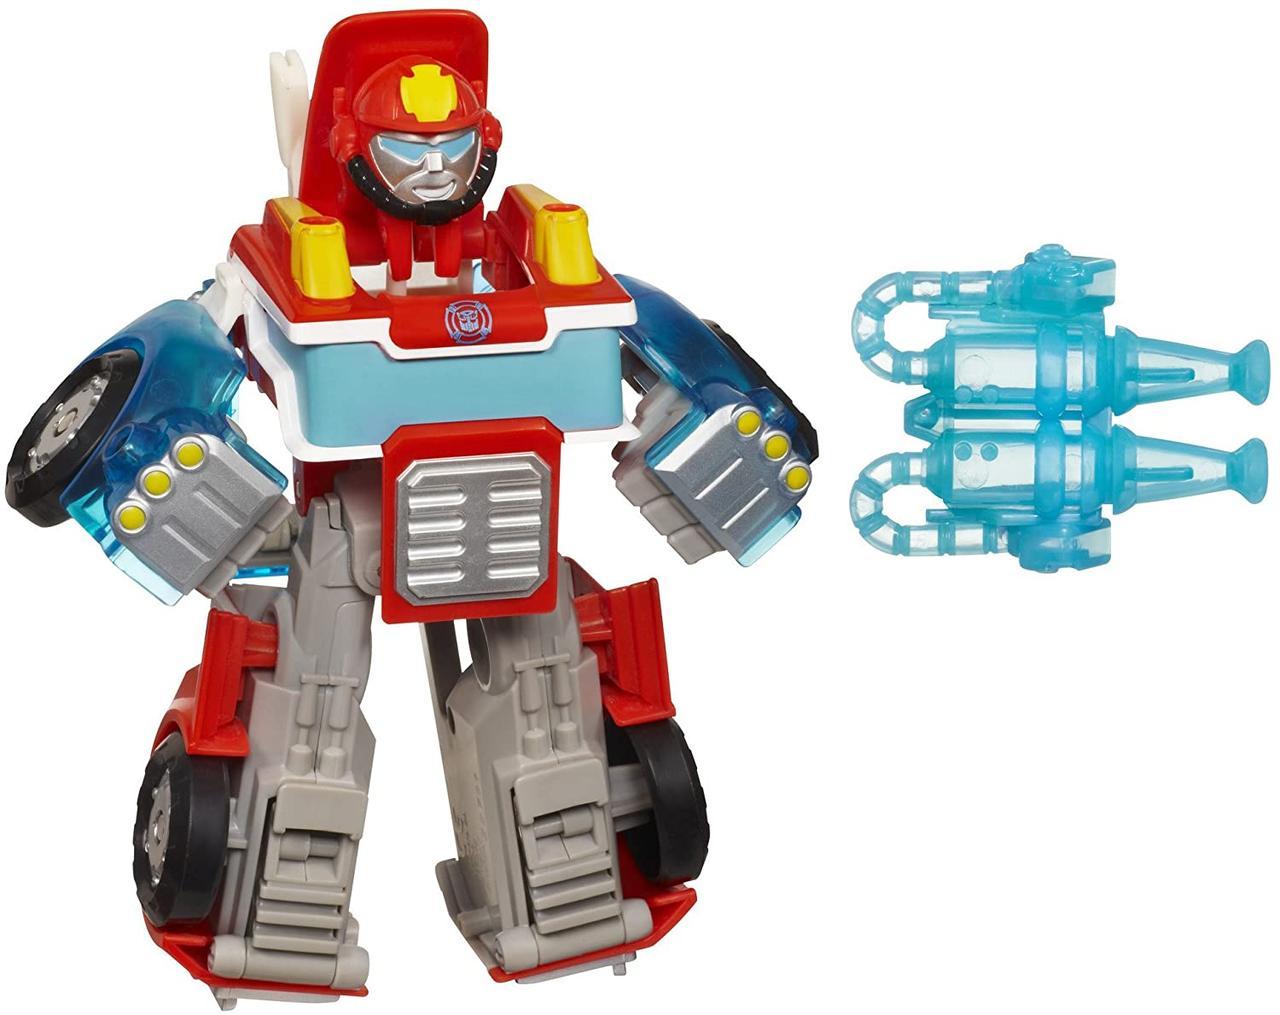 Трансформер Боты Спасатели Хитвейв Playskool Heroes Transformers Rescue Bots Energize Heatwave 15 см